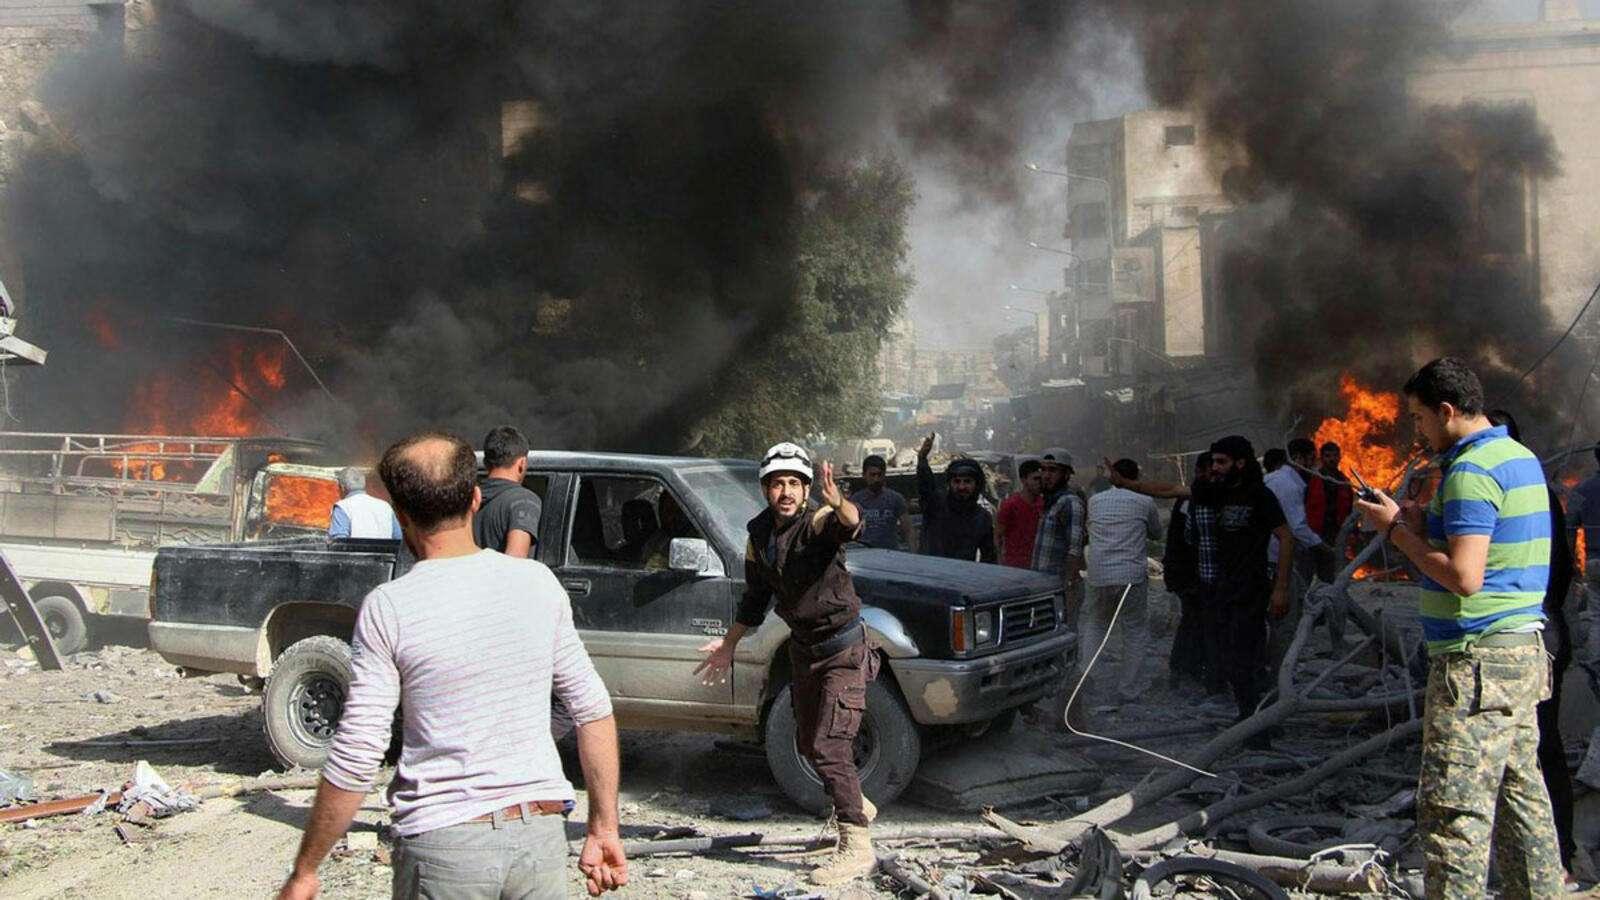 69 قتيلًا و150 ألف نازح خلال أسبوع..الأورومتوسطي يحذر من كارثة إنسانية بحق 3 ملايين مدني شمالي غربي سوريا